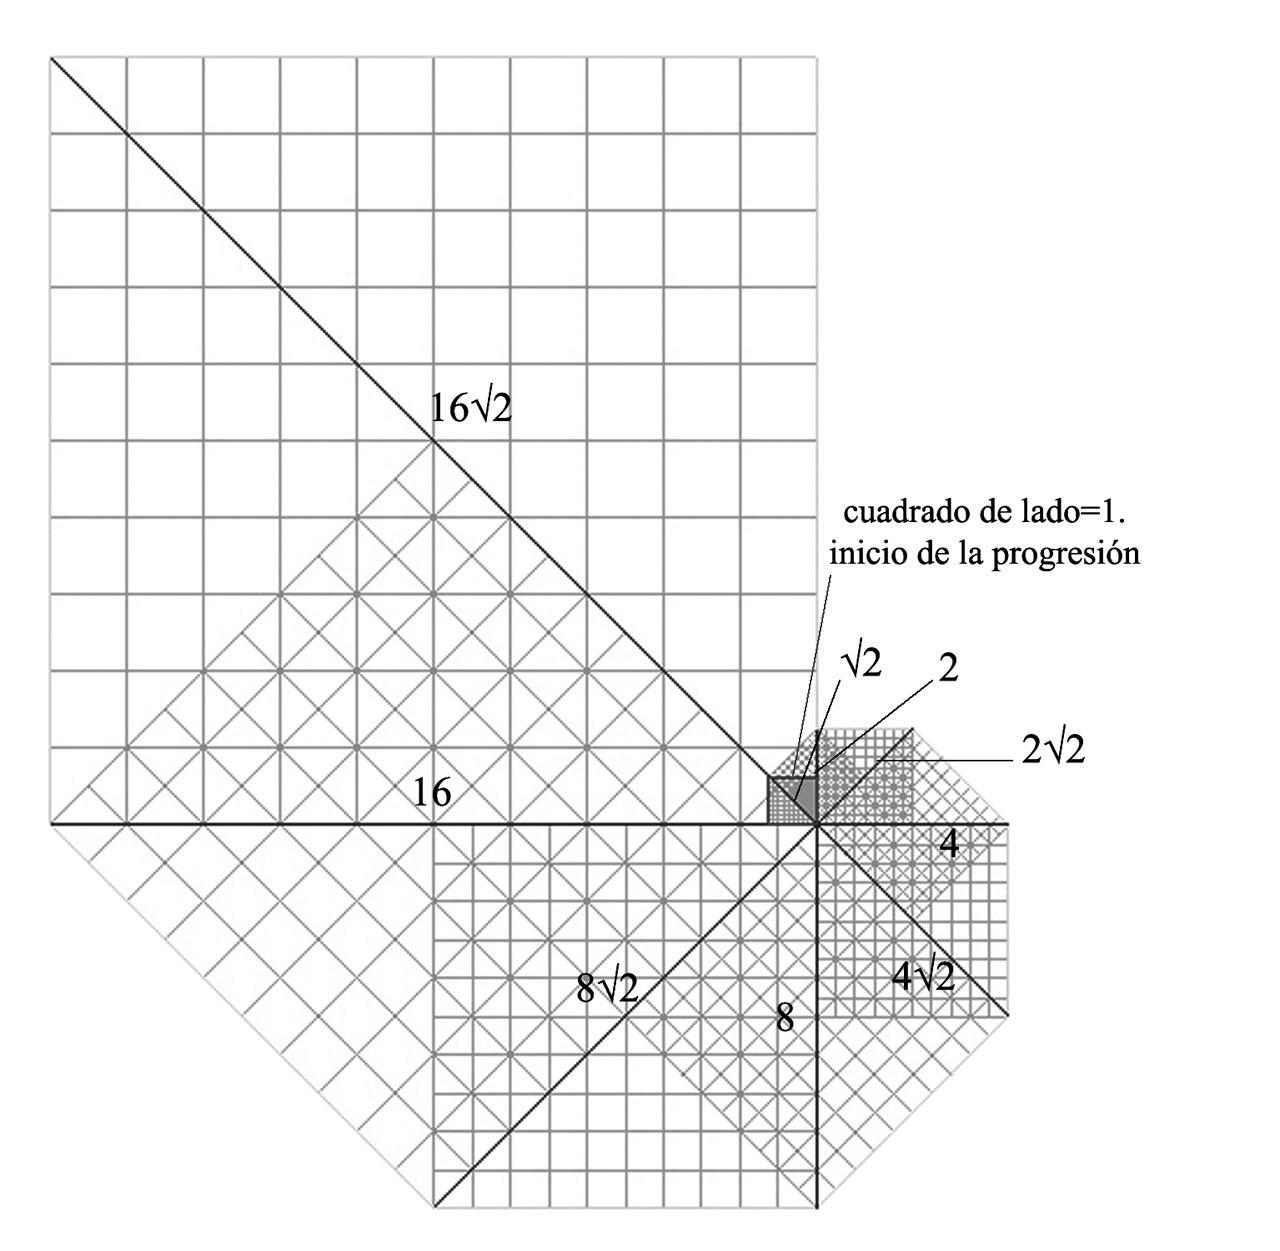 Fig. 4. Progresión geométrica con razón=√2. Image Cortesia de Marco Aresta y Giulia Scialpi